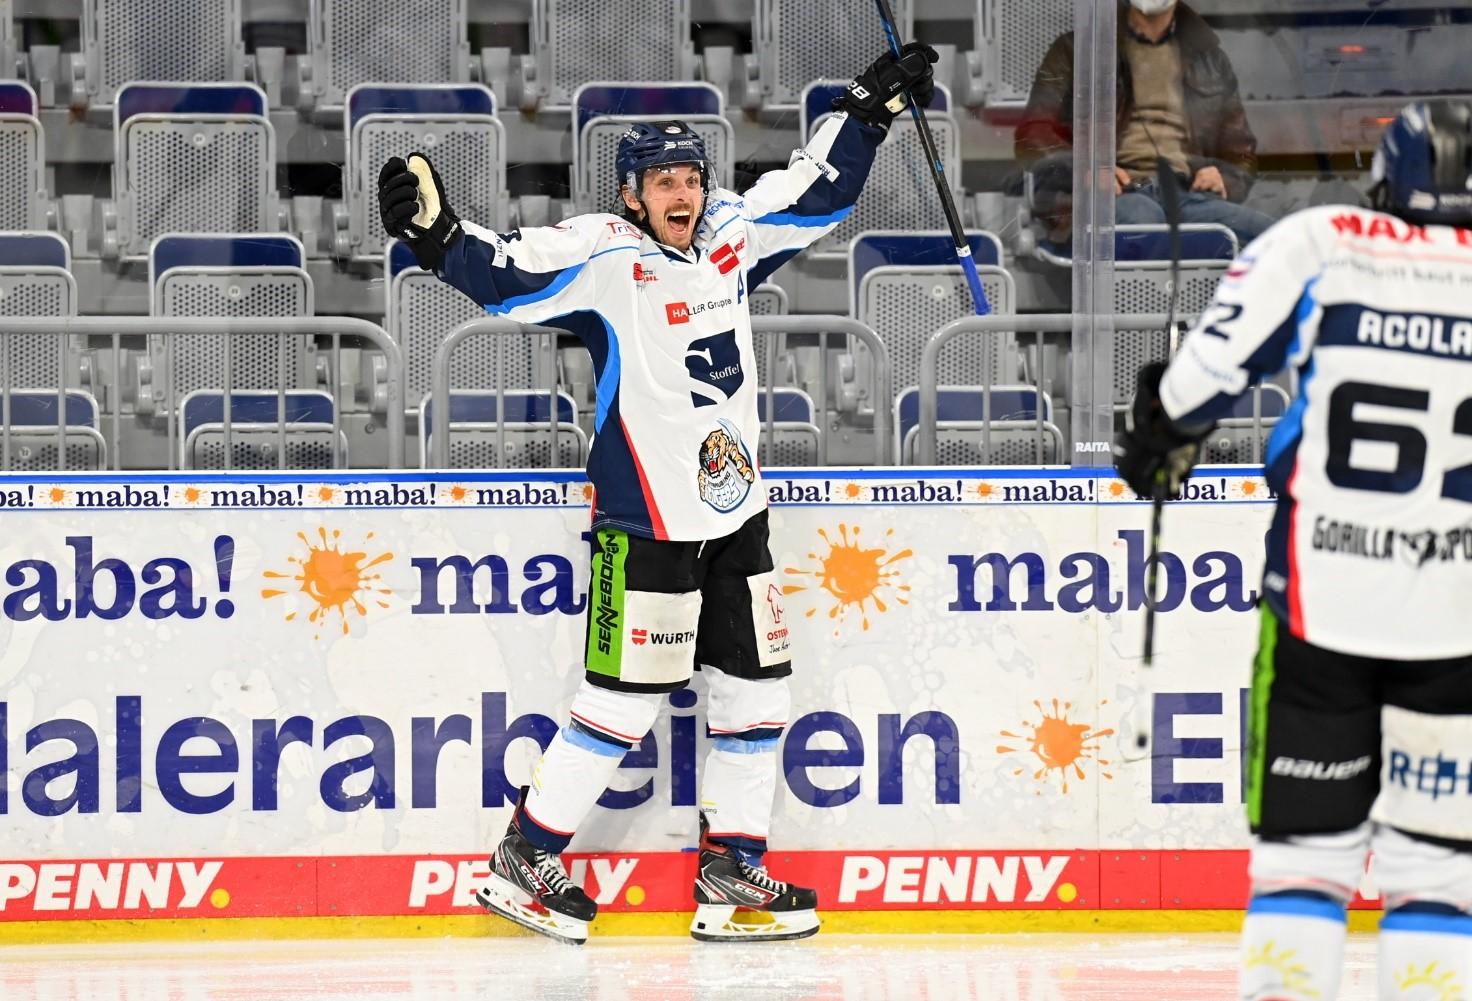 Spieler der Straubing Tigers jubelt auf der Eisfläche